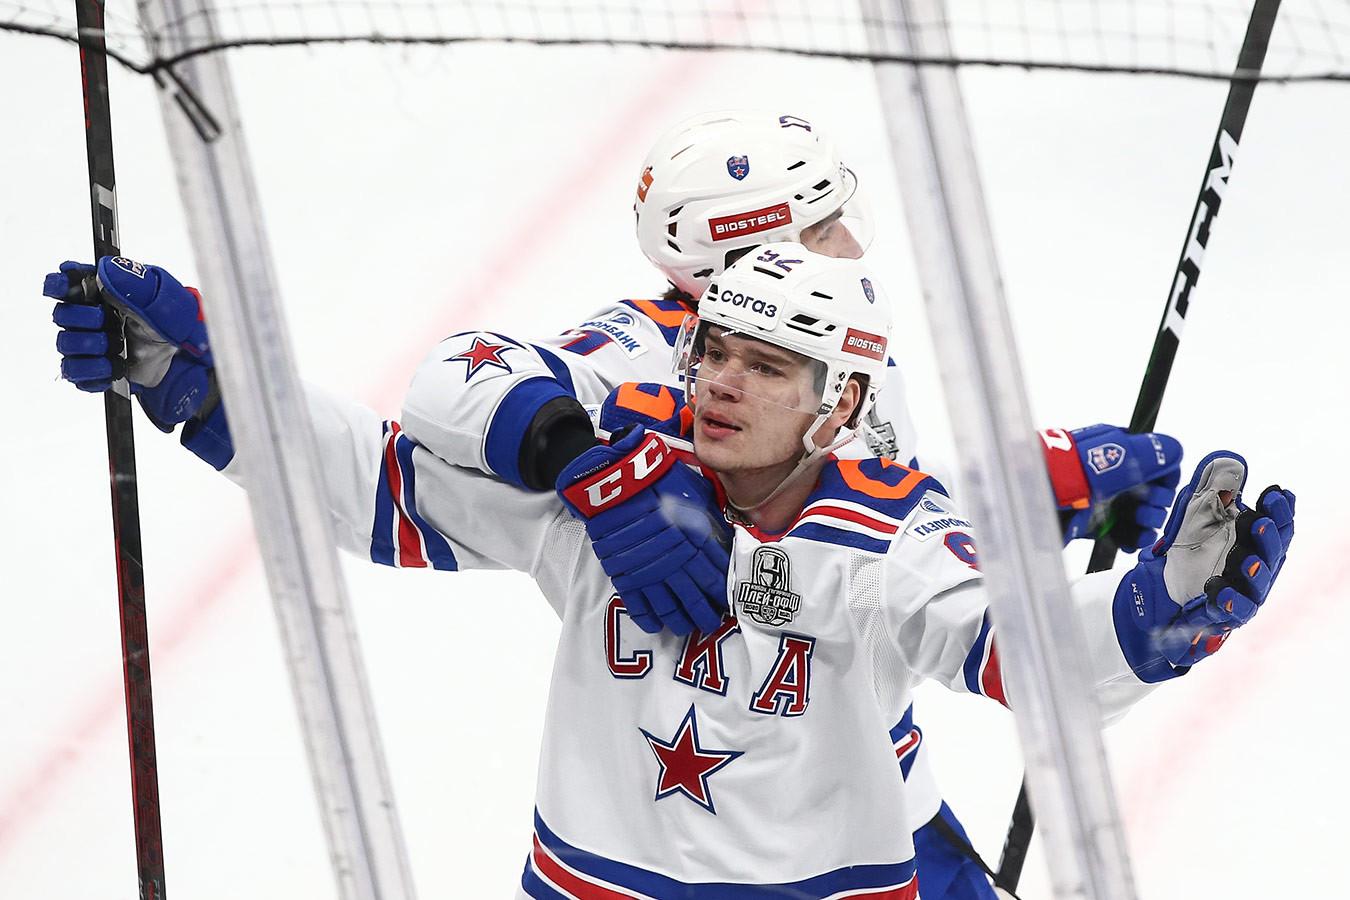 СКА обыграл «Динамо» в овертайме и вышел вперёд в серии